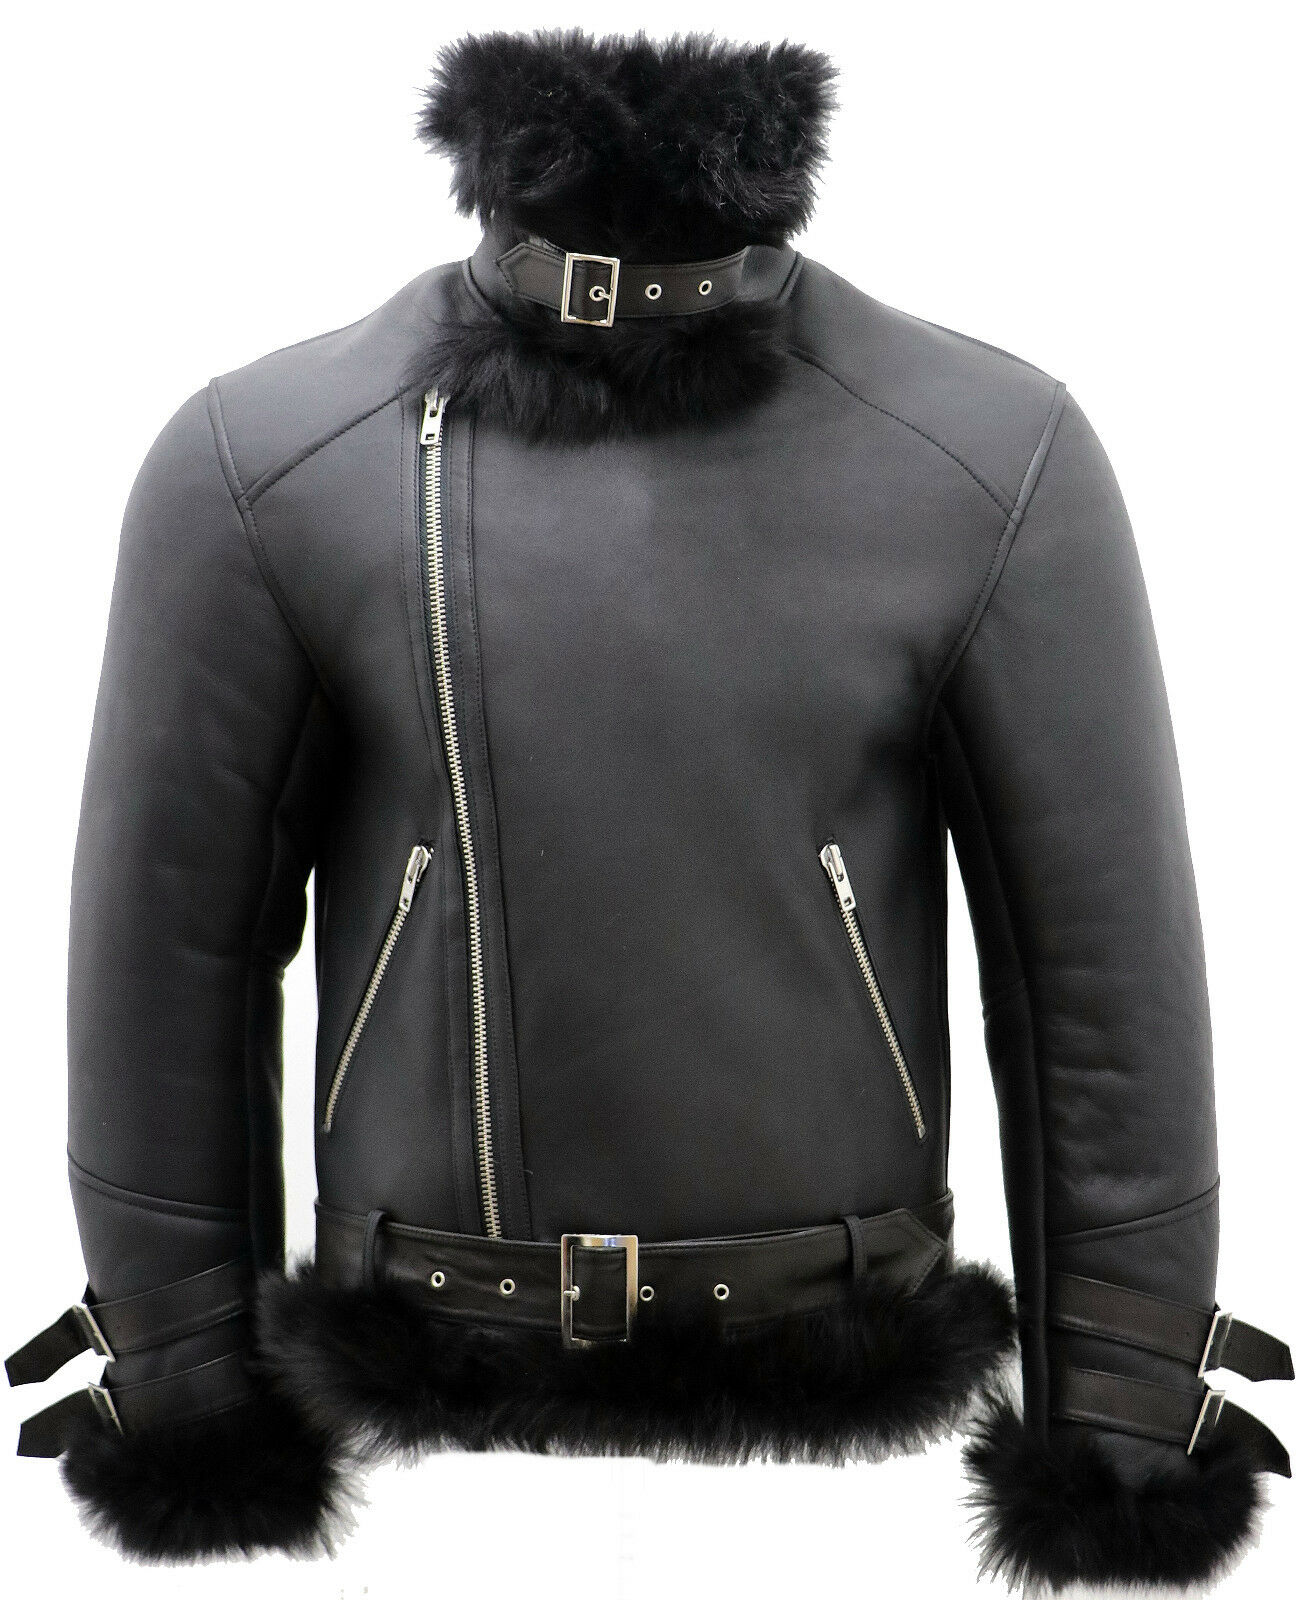 noir pou hommes crosszip Toscana peau en de mouton Veste motard en peau cuir a769b2